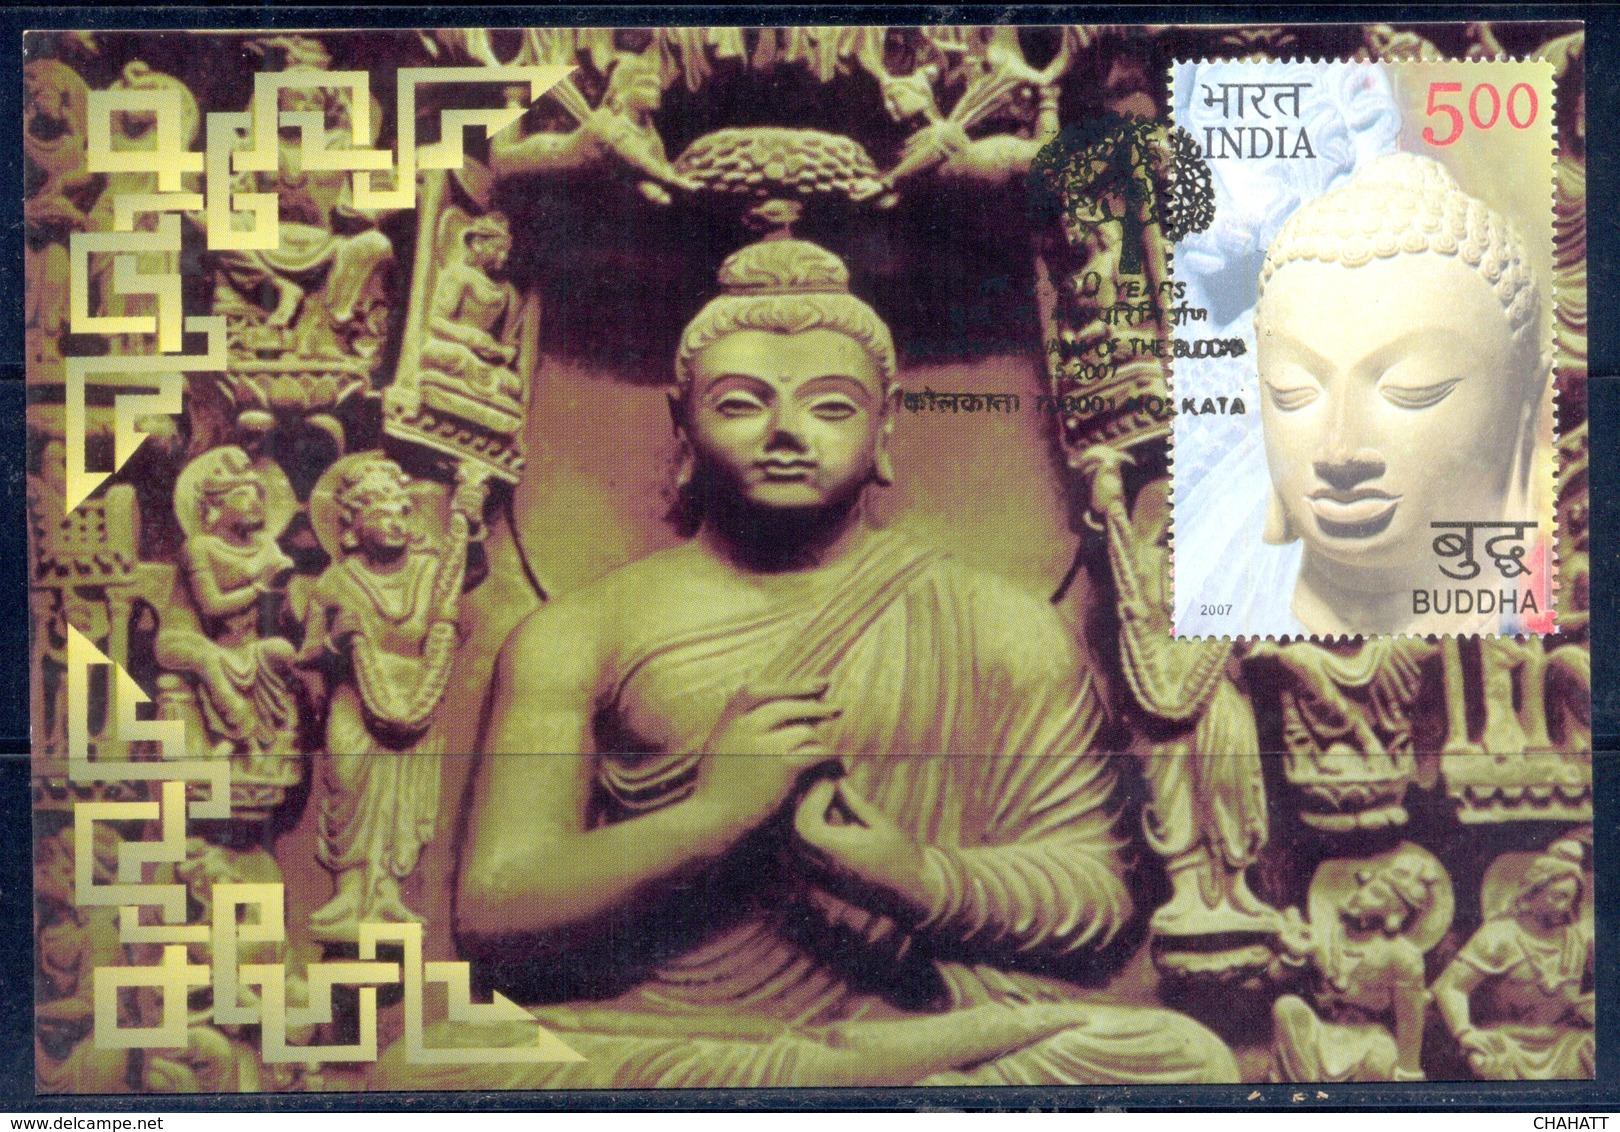 RELIGIONS-BUDDHISM- 2550 YEARS OF MAHAPARINIRVANA -MAXIMUM CARD #1- INDIA-2007- MC-64 - Buddhism